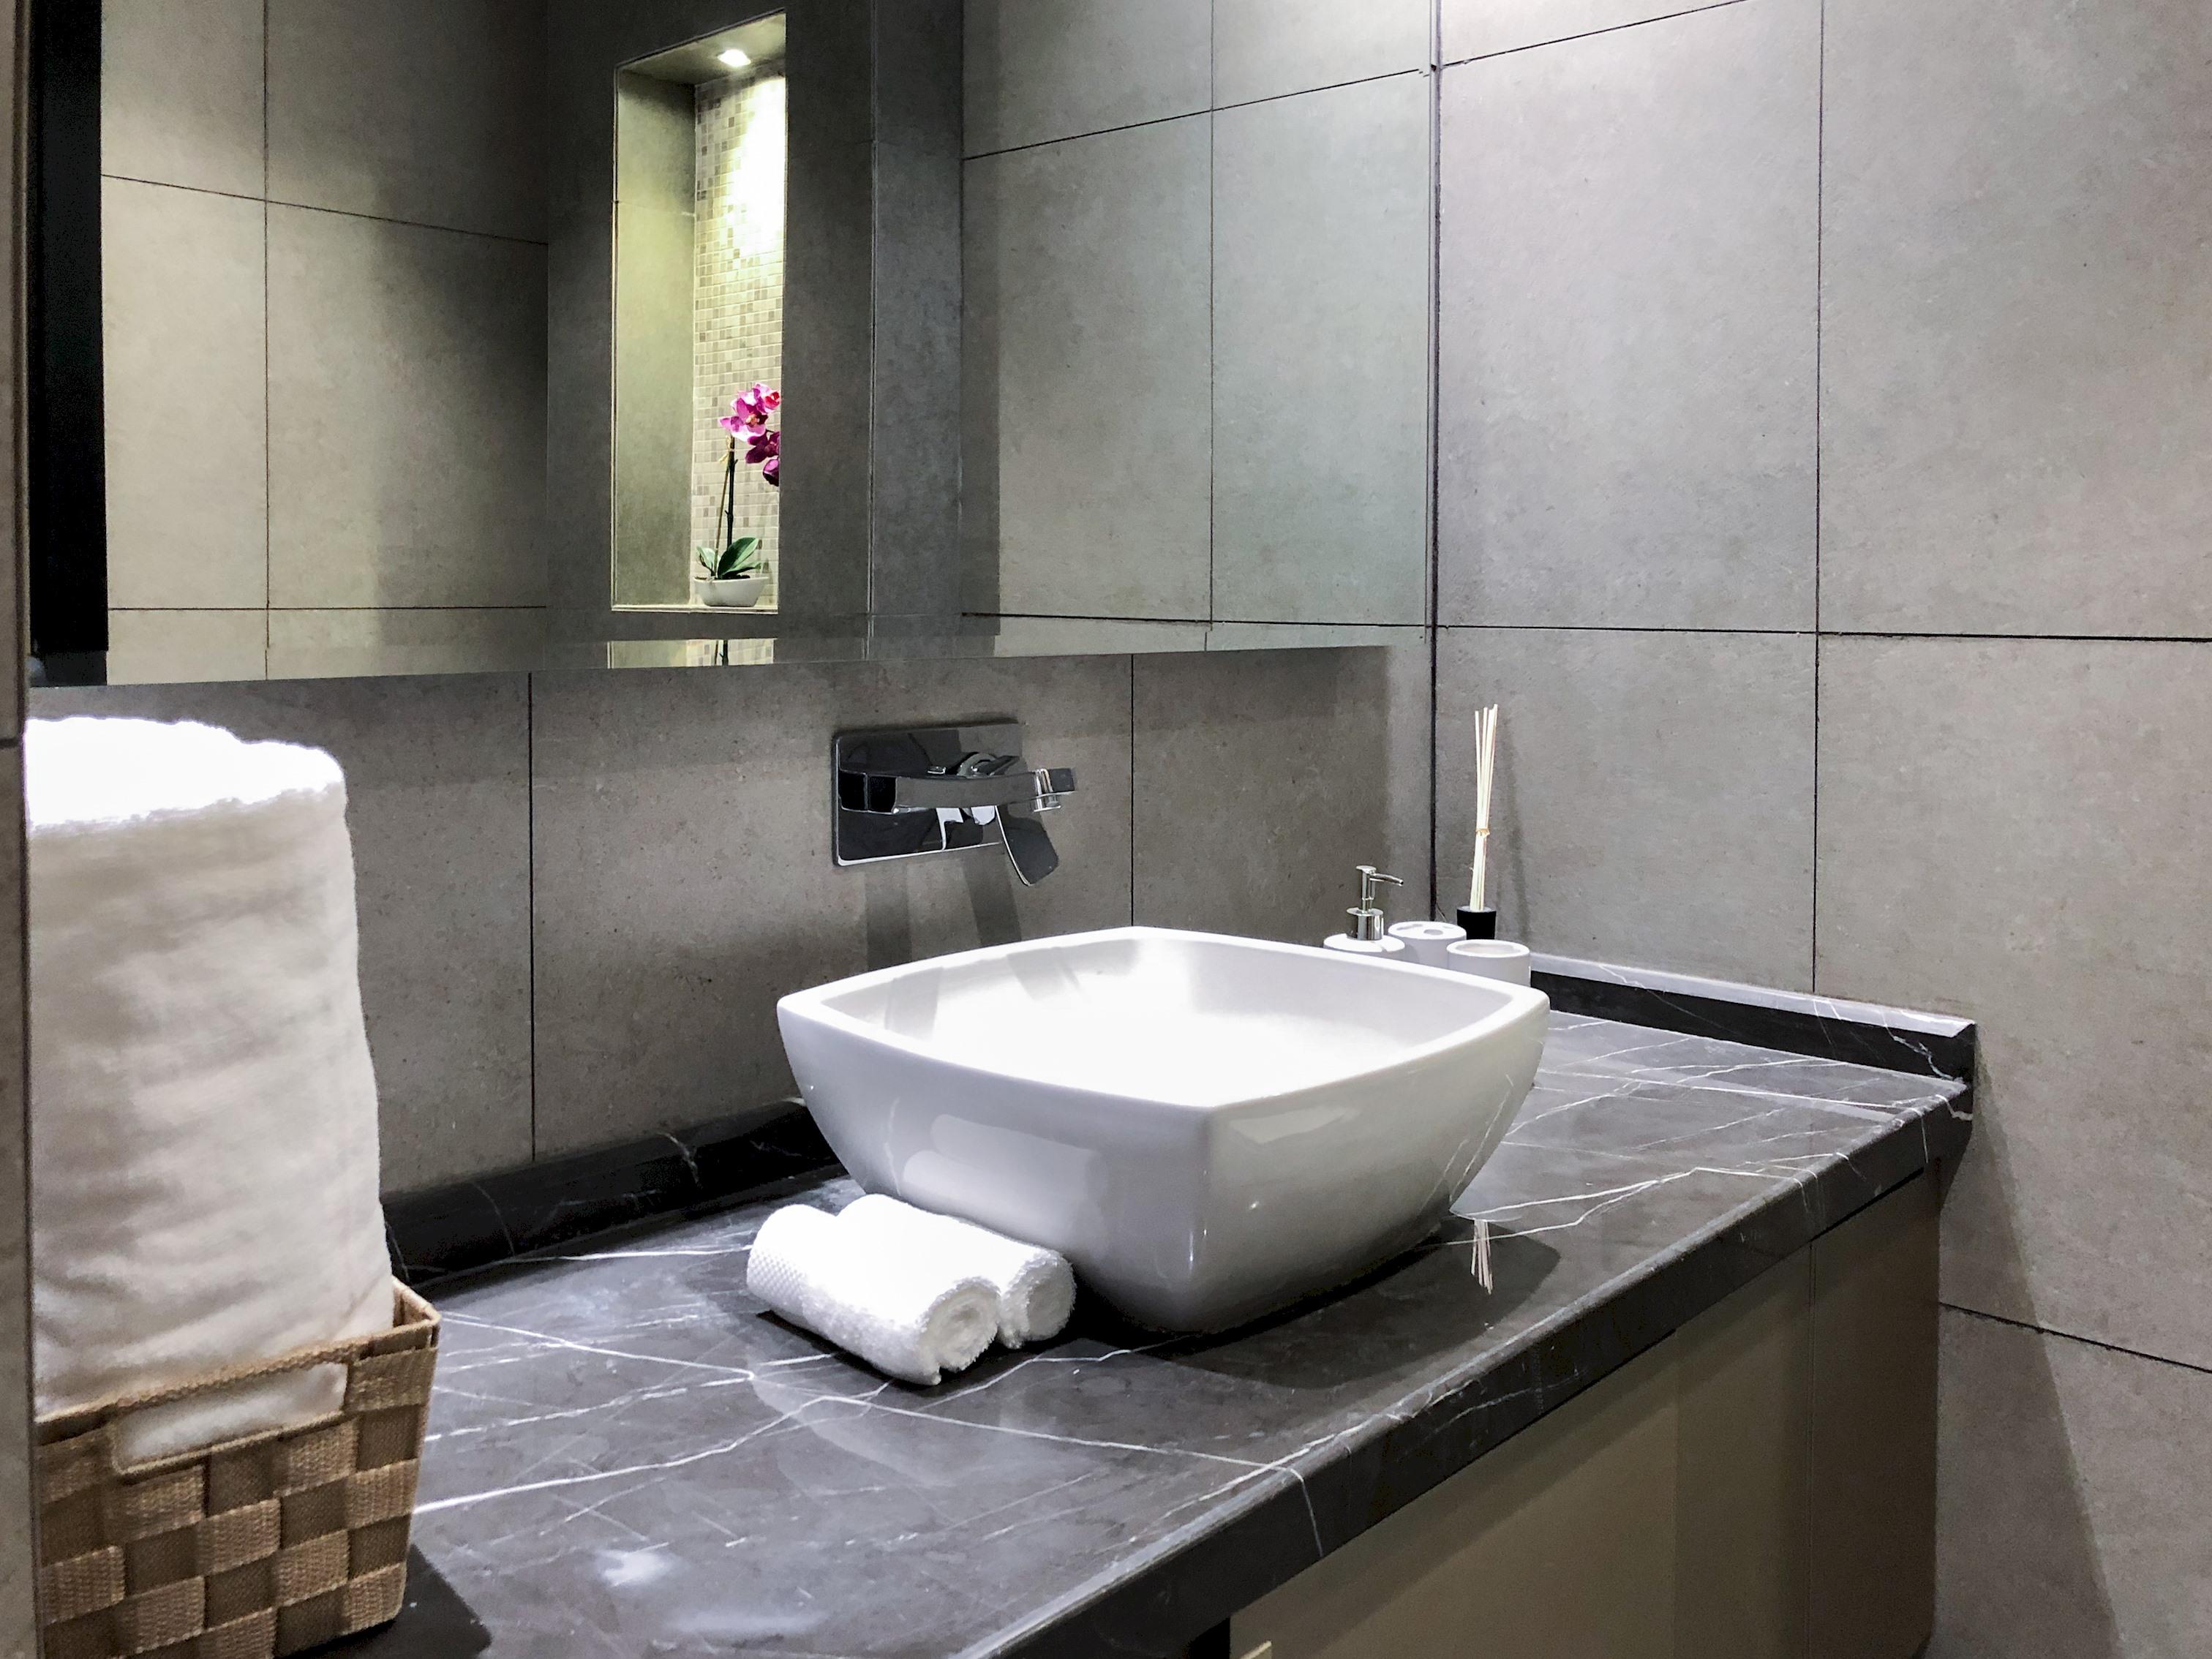 Apartment The Galleries Meydan Luxury - Dubai photo 27263516